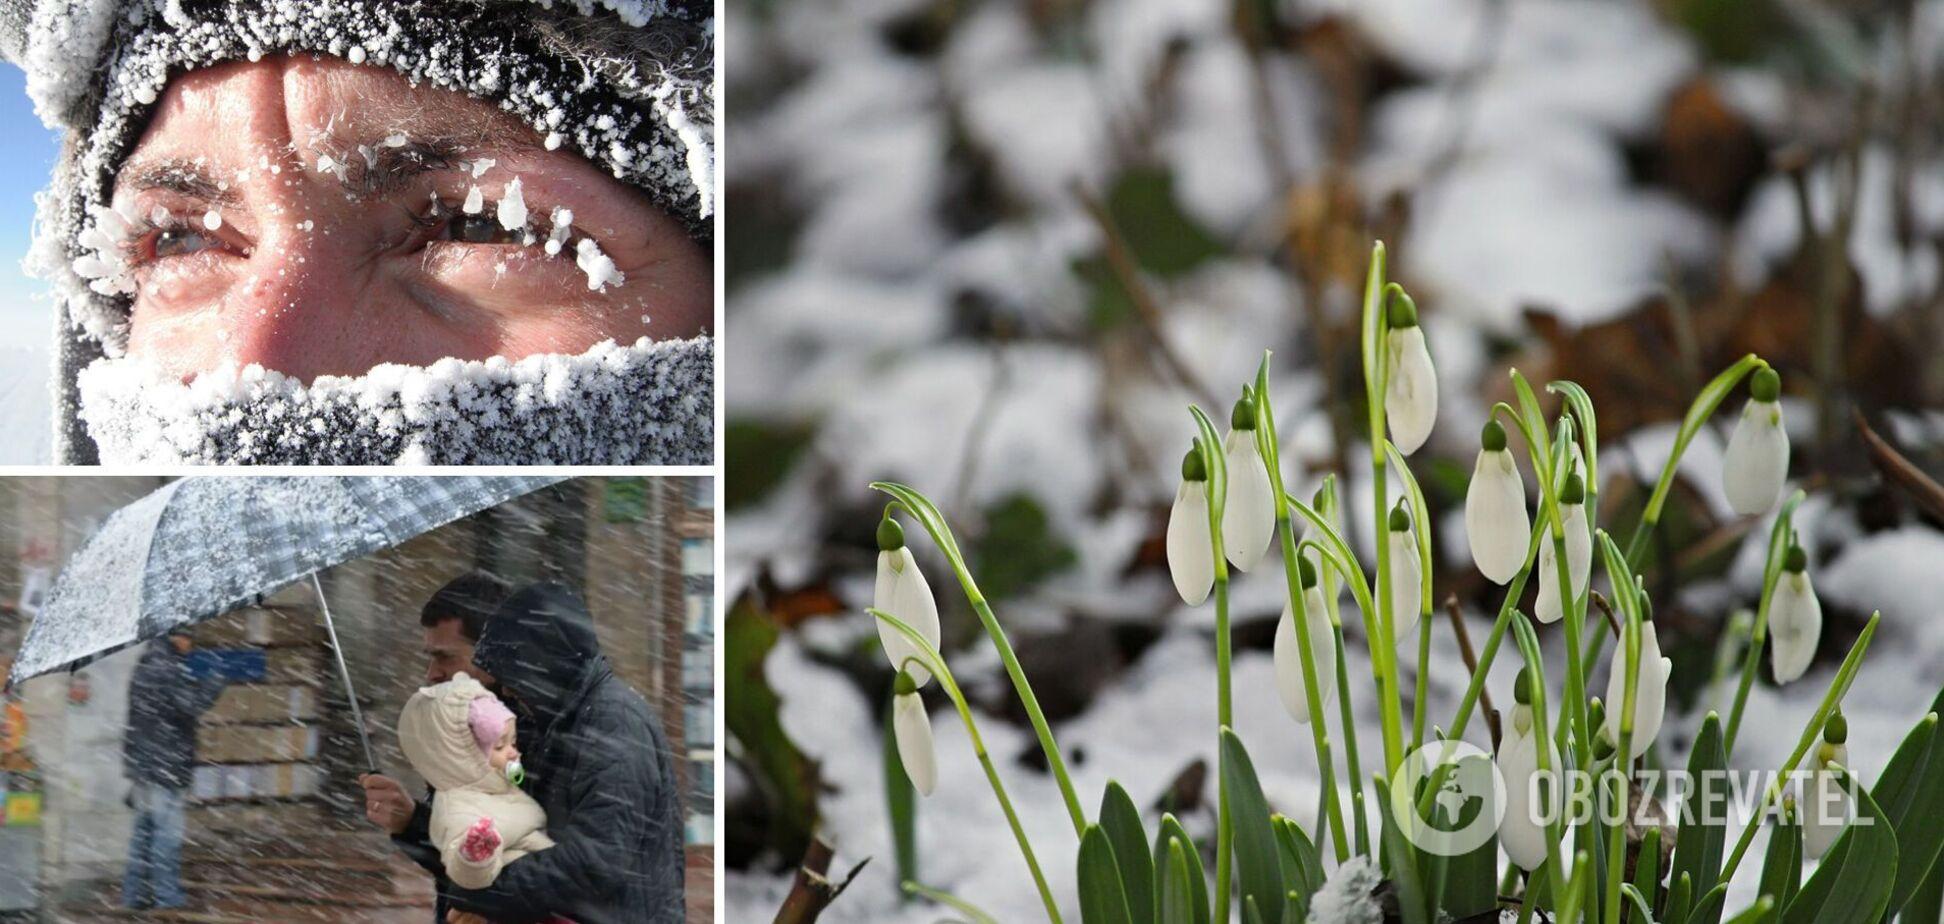 В Украину идут холода и дожди, ранней весны не будет: синоптики уточнили прогноз погоды